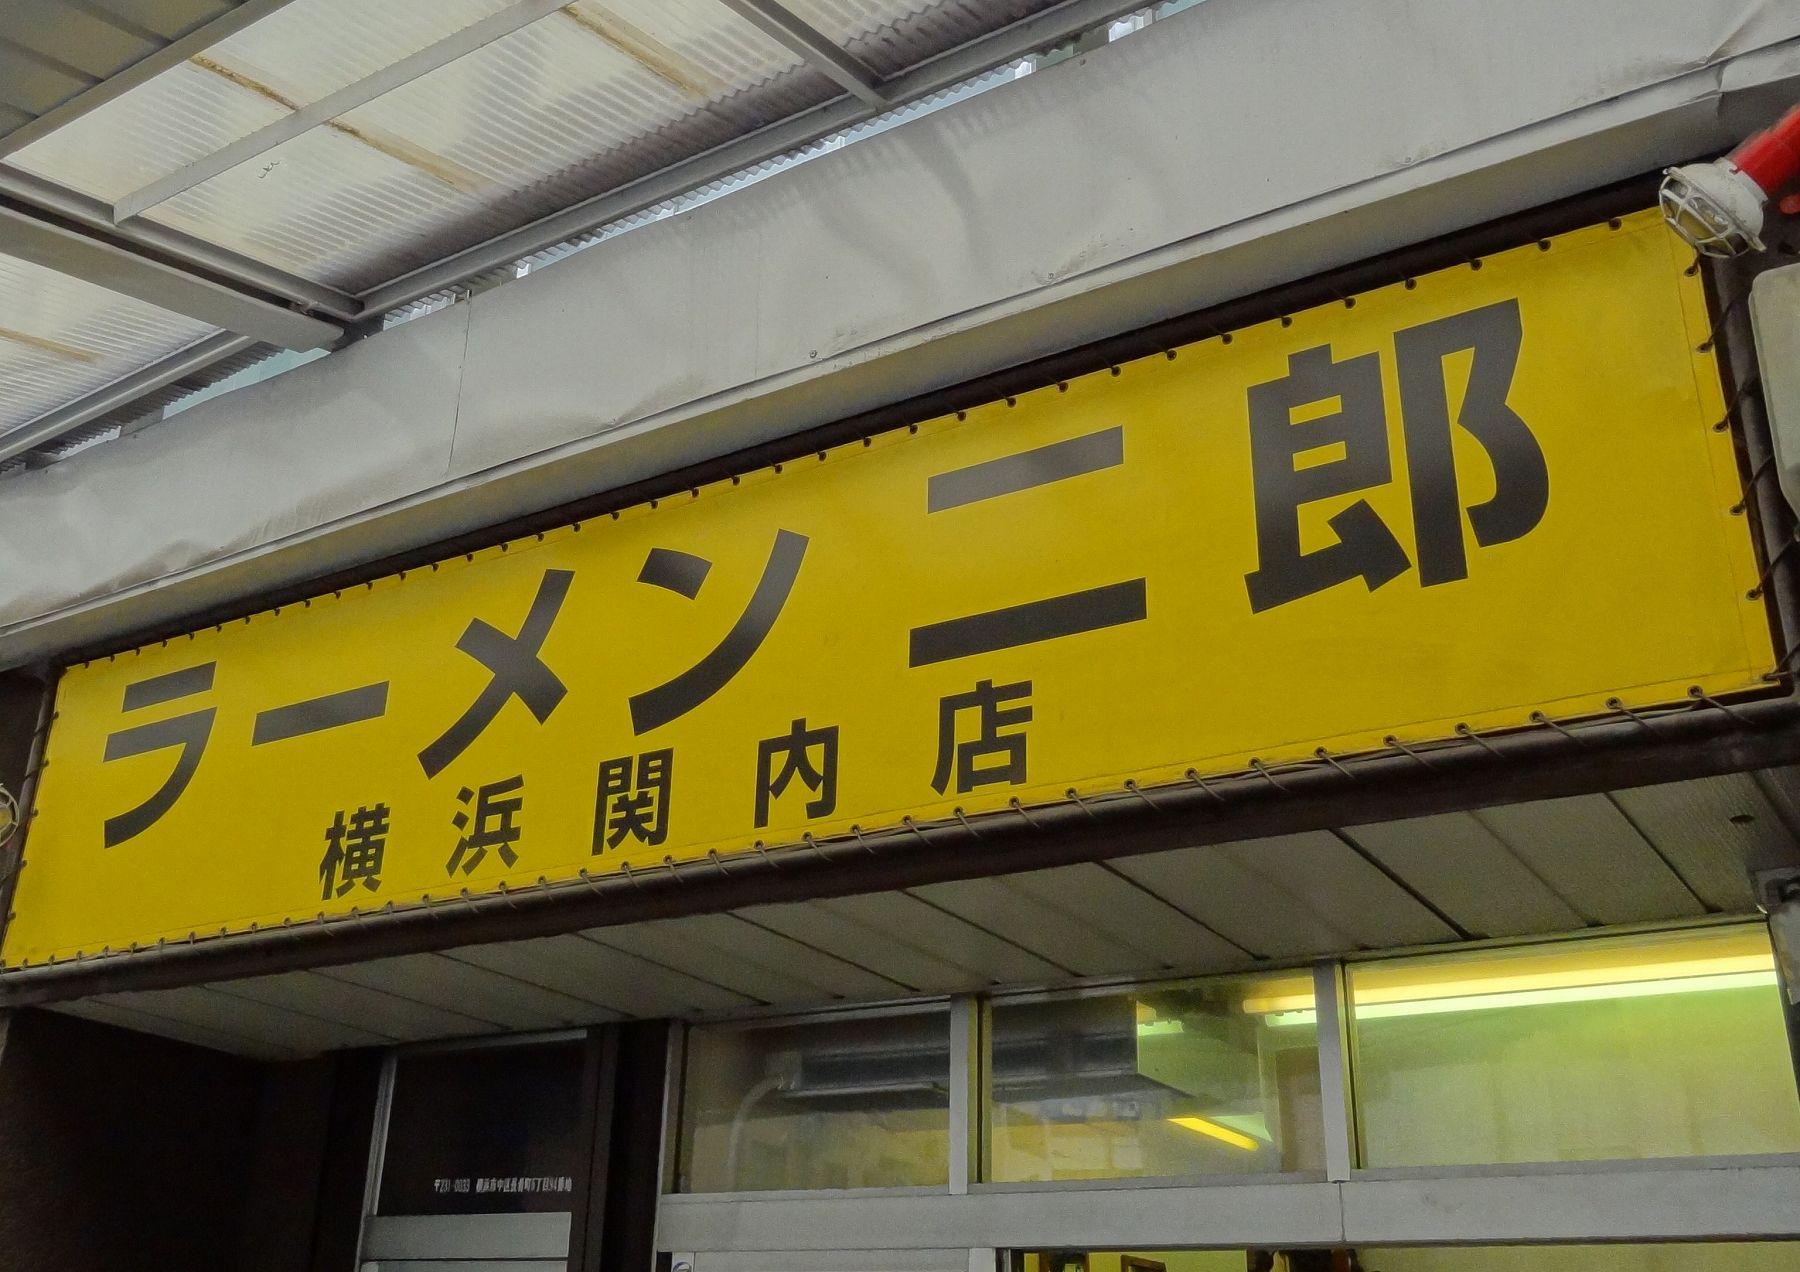 20120621001kannai.jpg